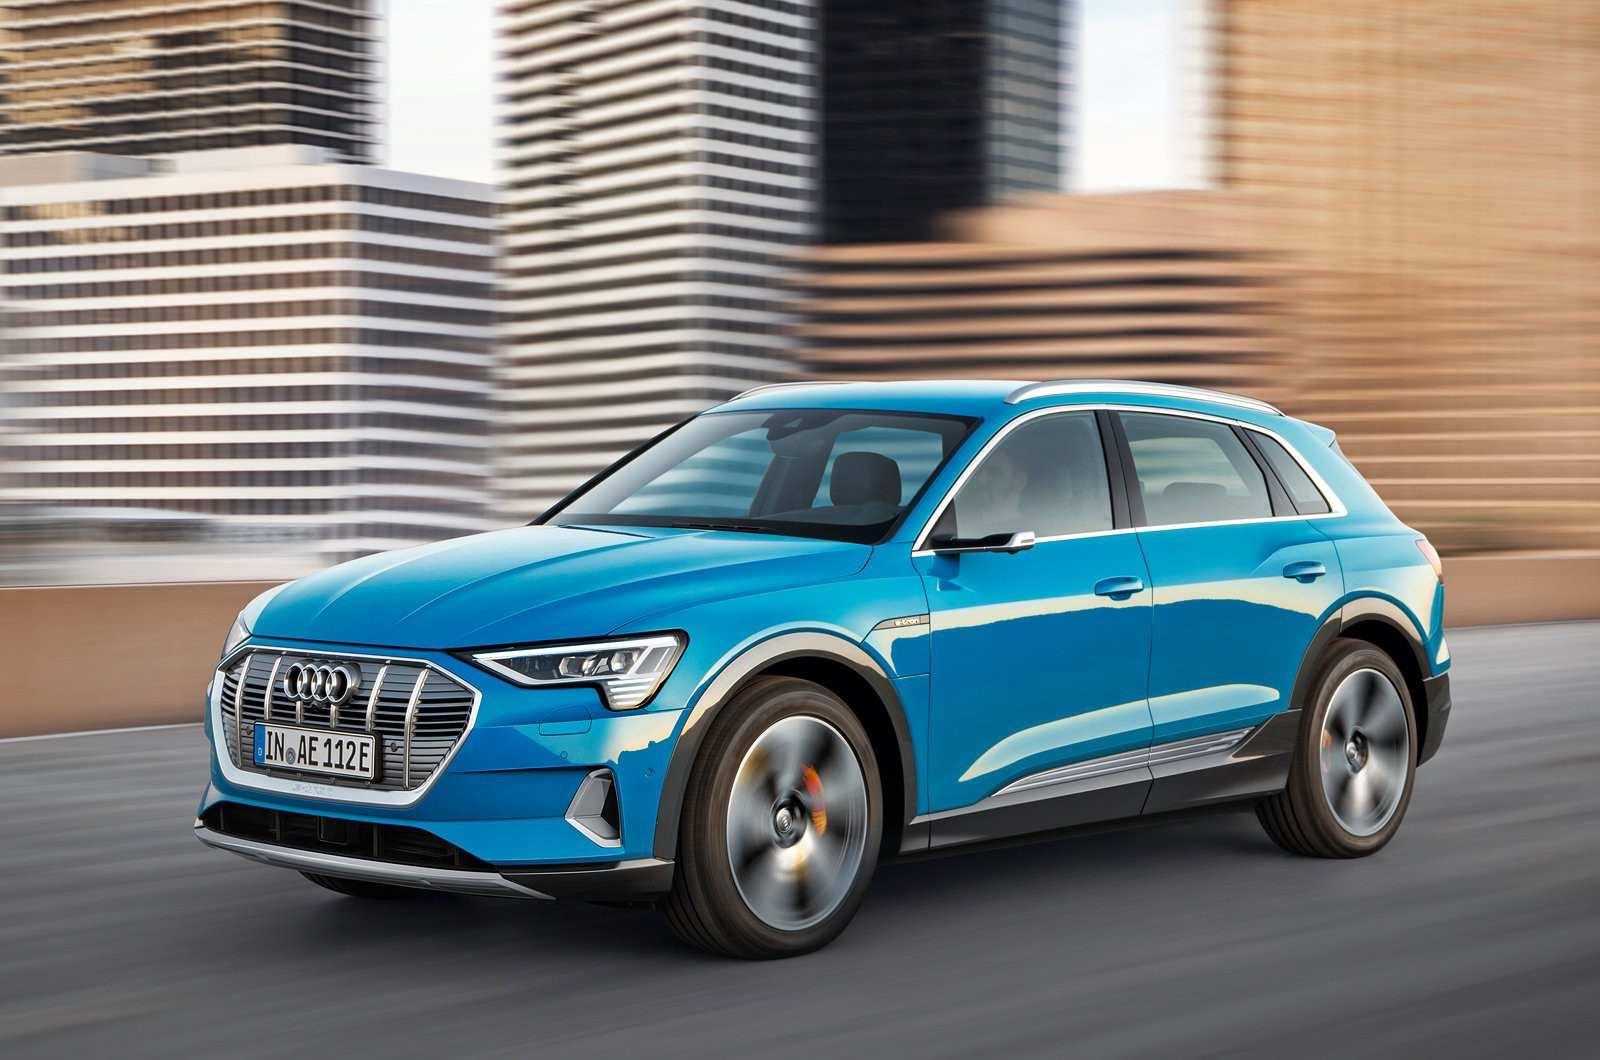 56 The 2019 Audi Q6 Exterior for 2019 Audi Q6